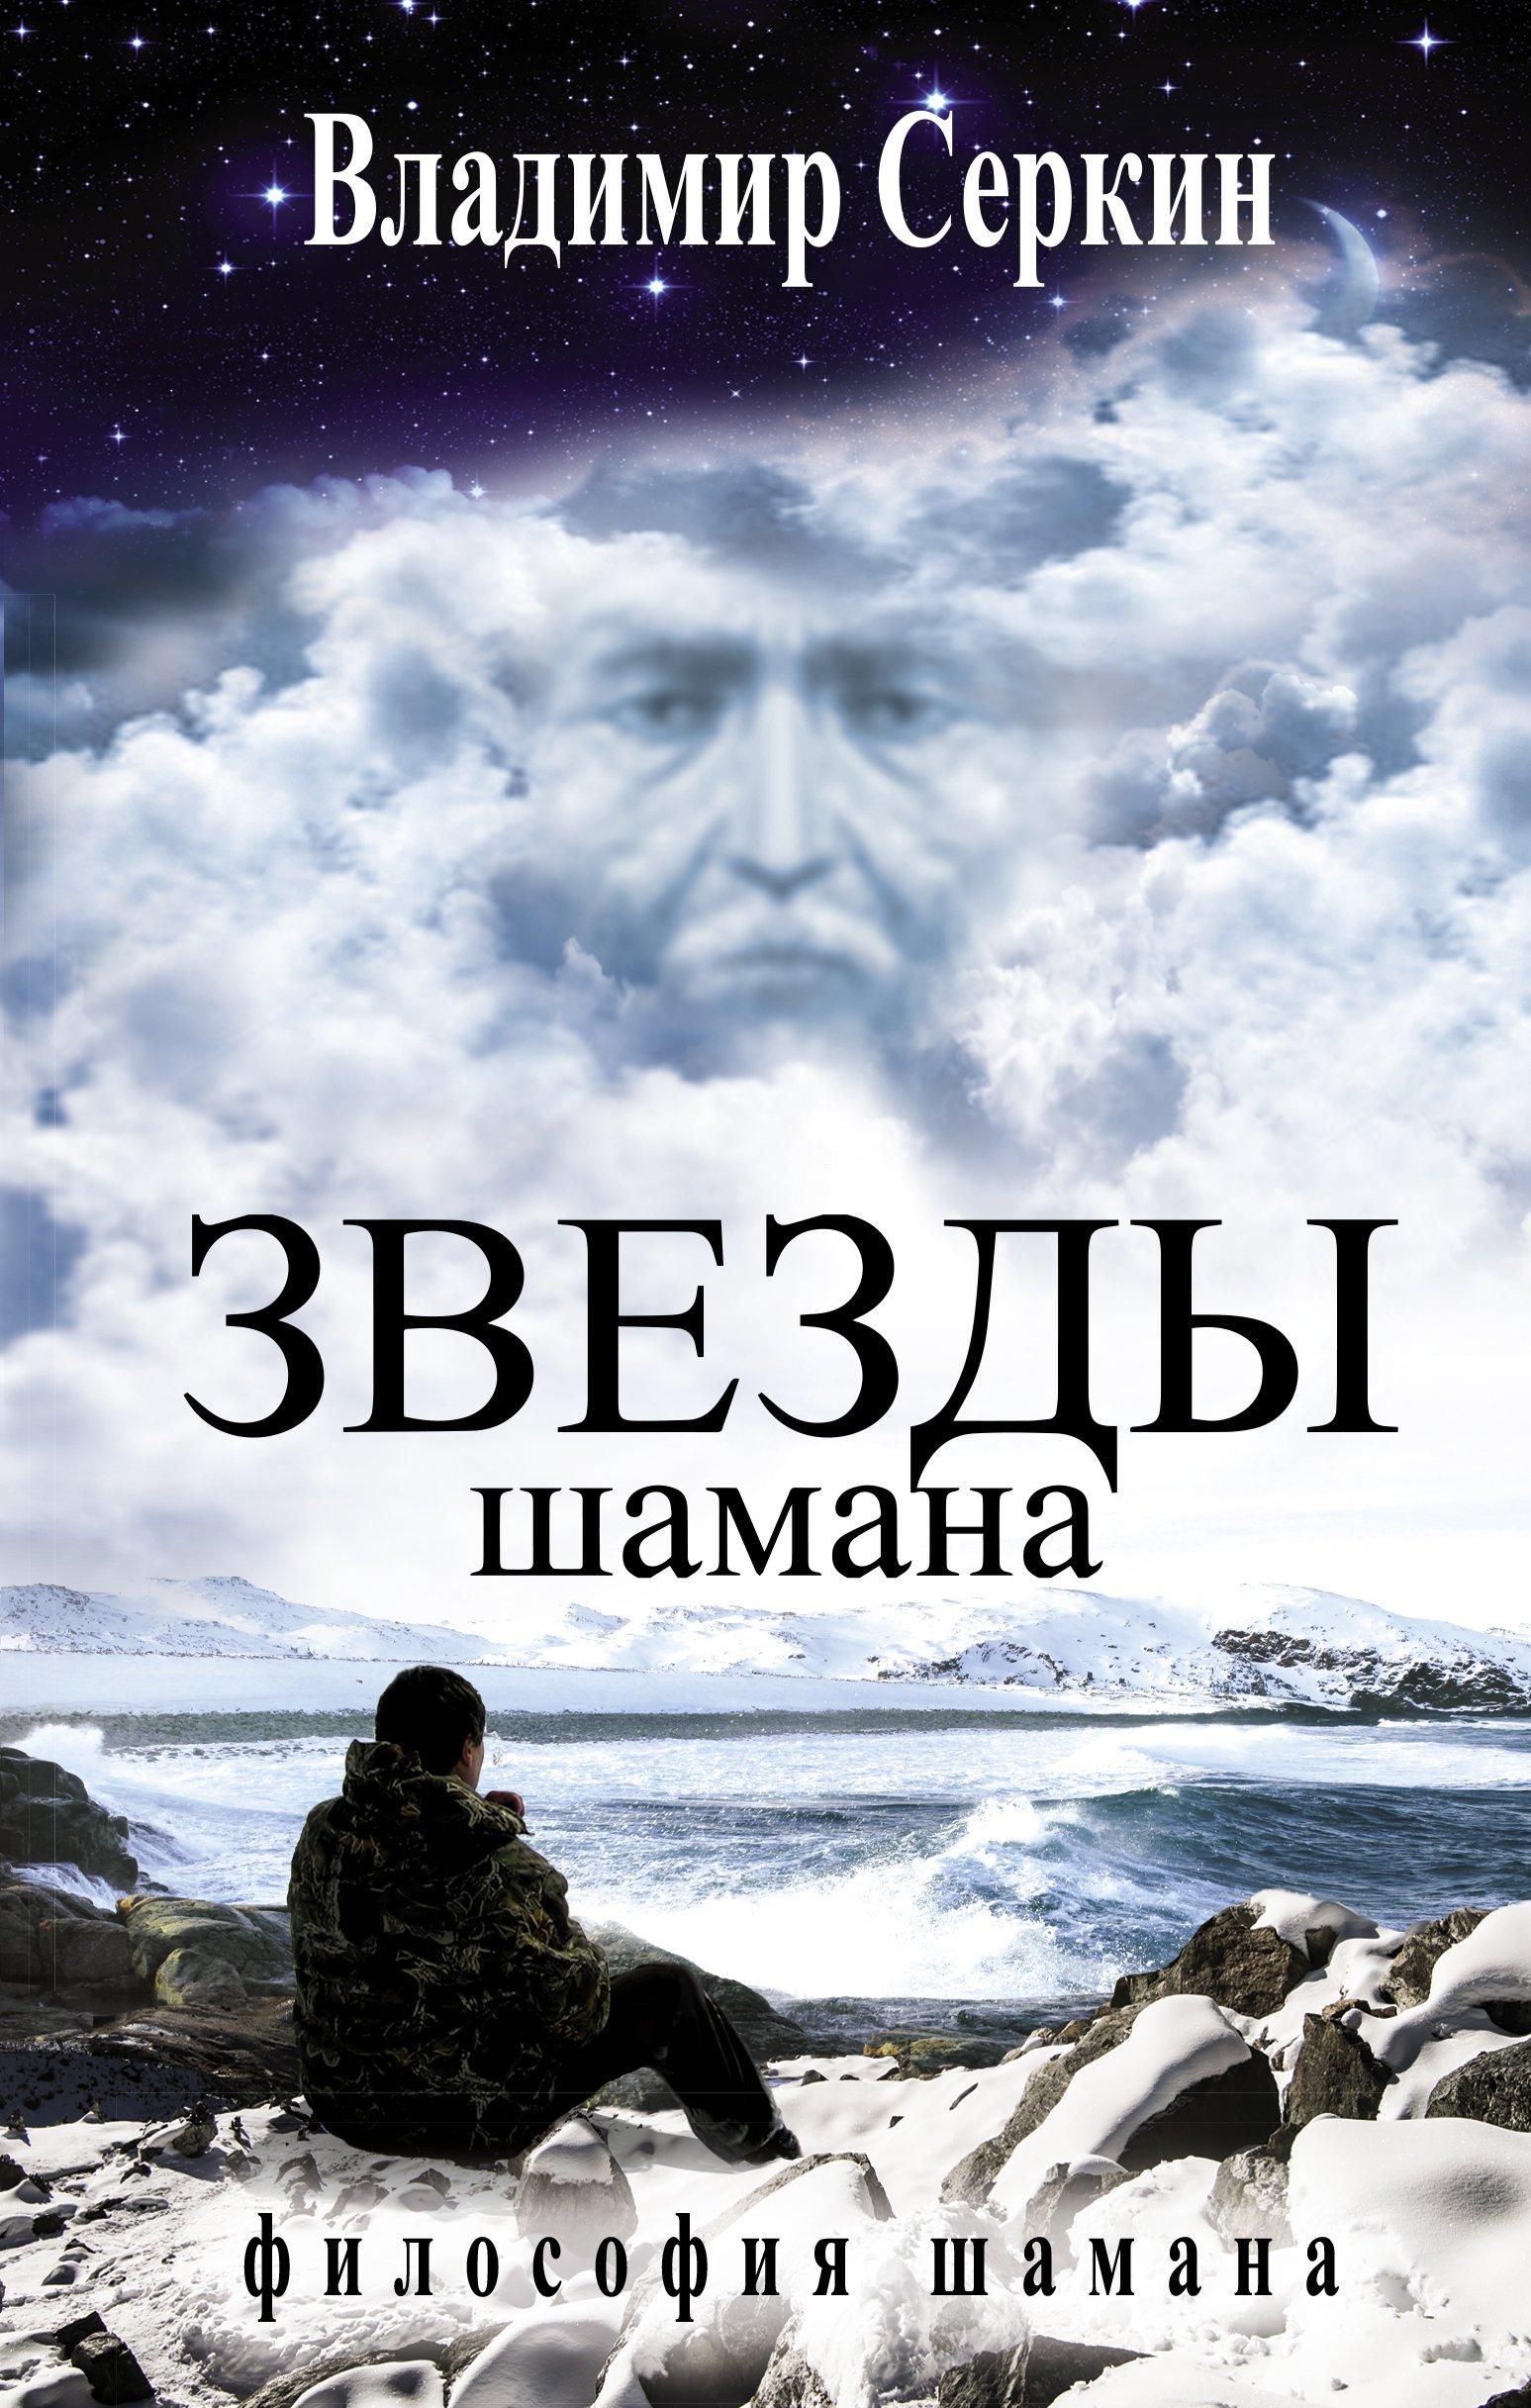 Серкин В.П. Звезды Шамана: философия Шамана цена и фото